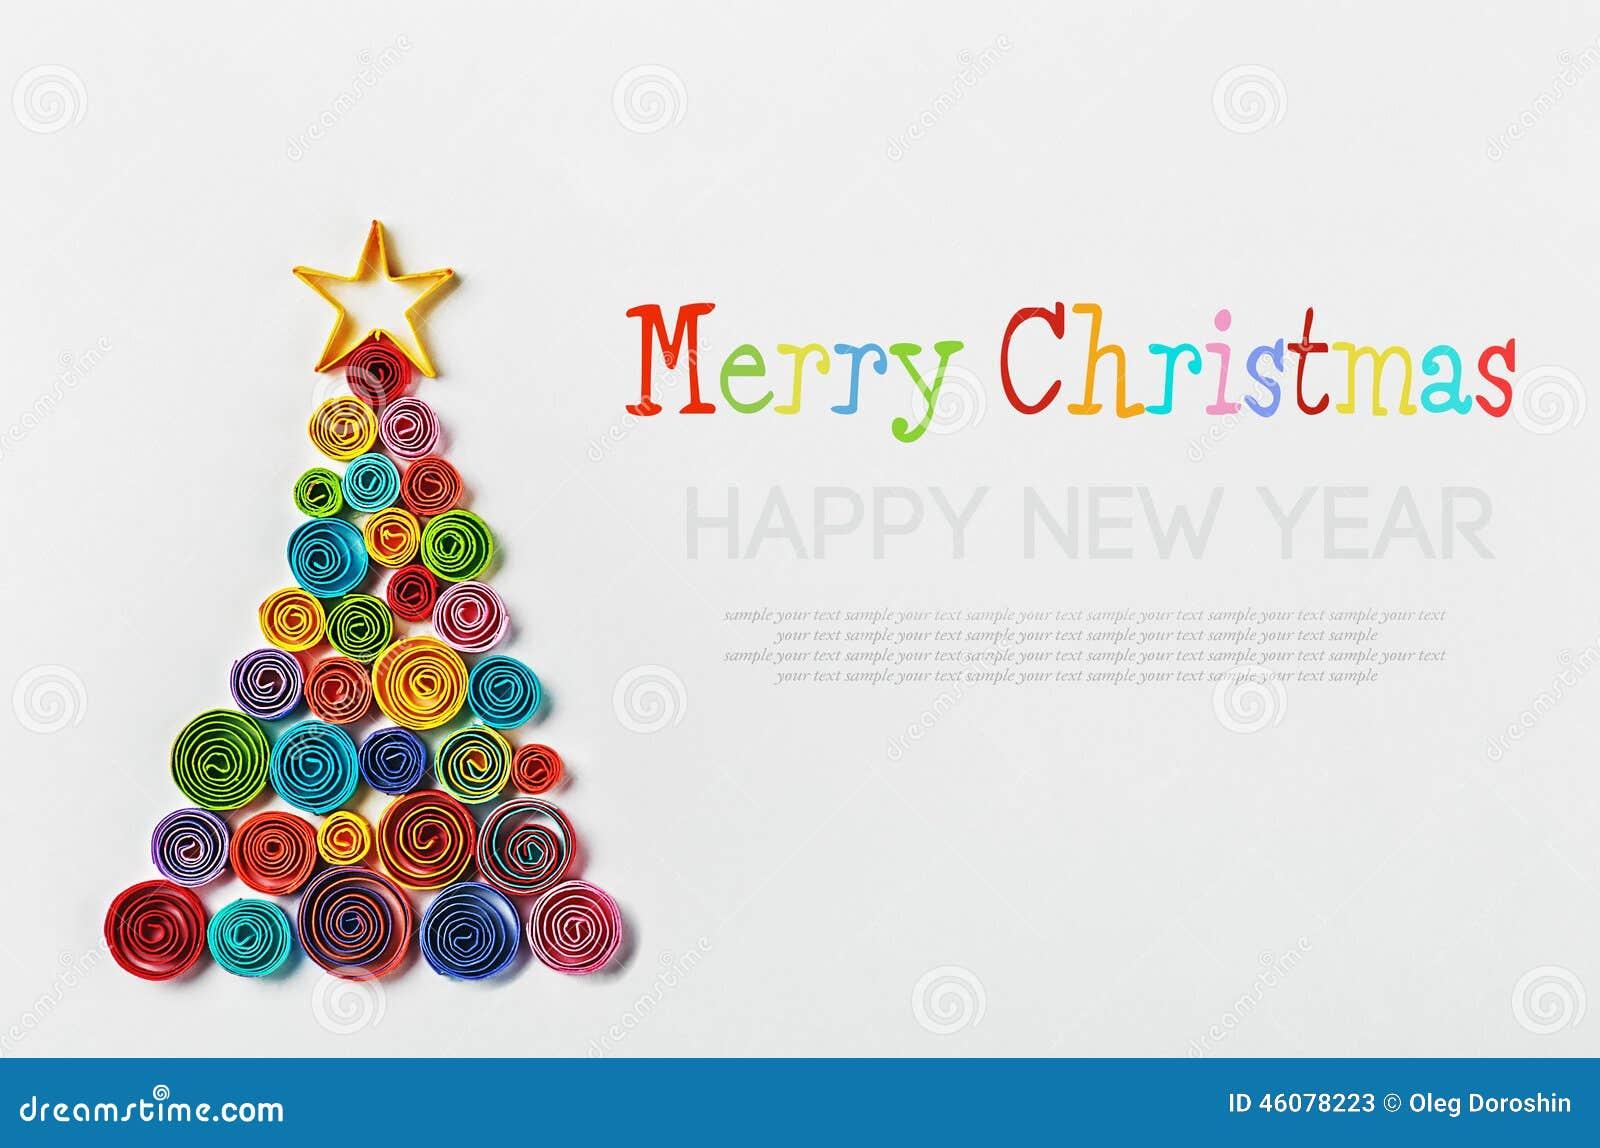 christmas congratulation text